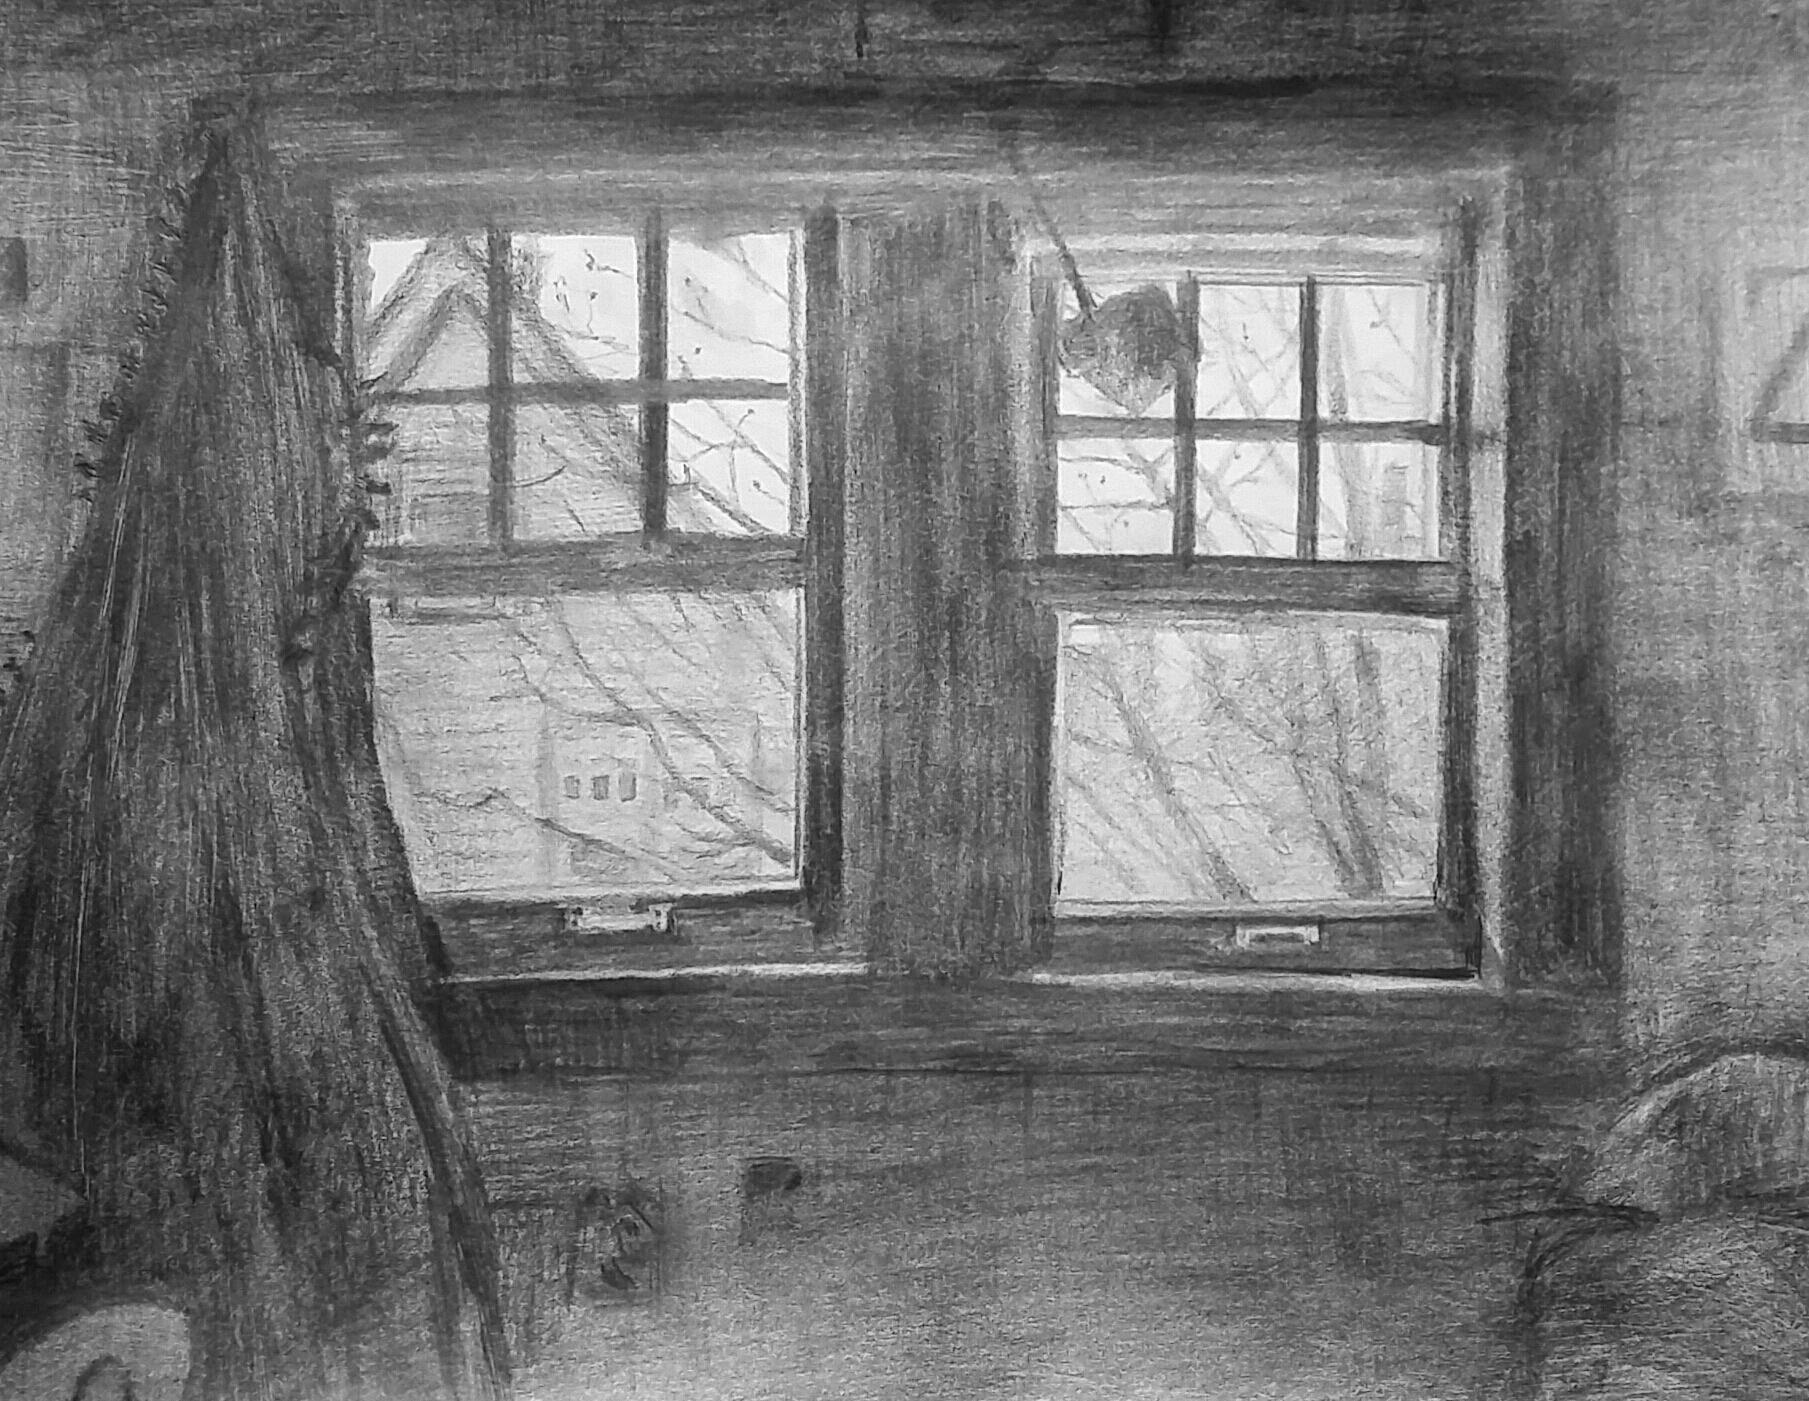 Z's Bedroom Window